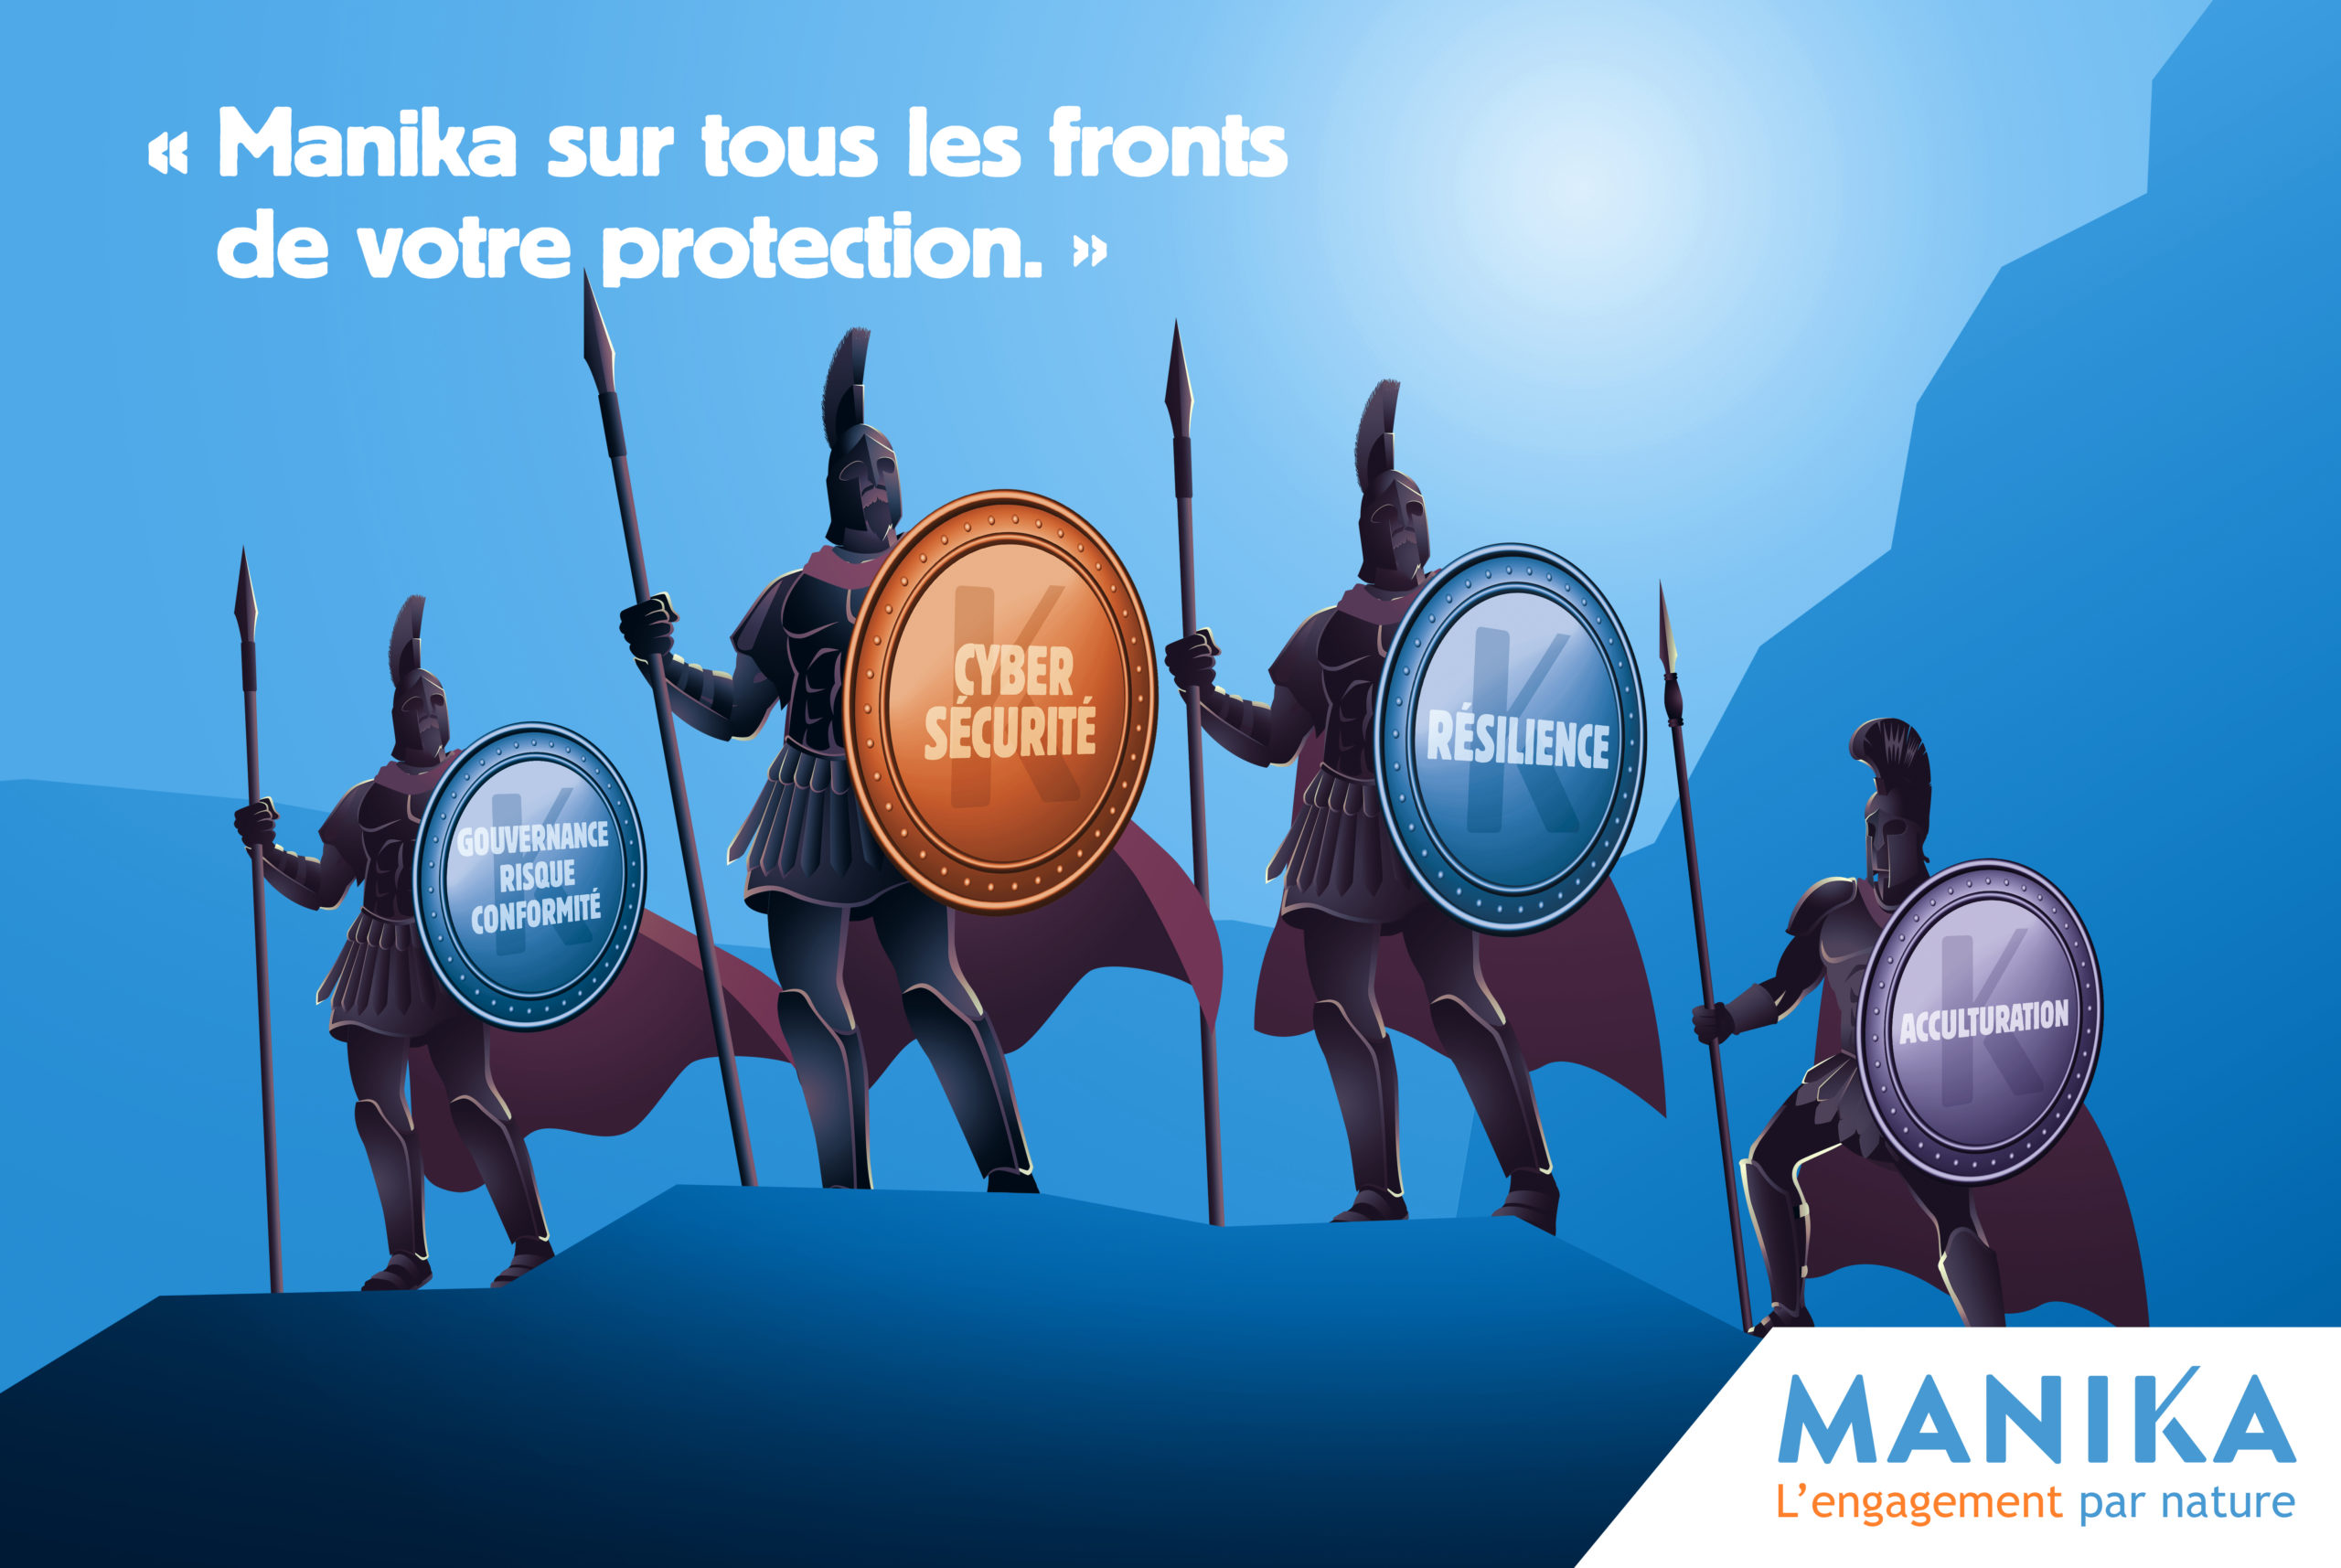 [Communiqué de presse] MANIKA s'offre un nouveau branding